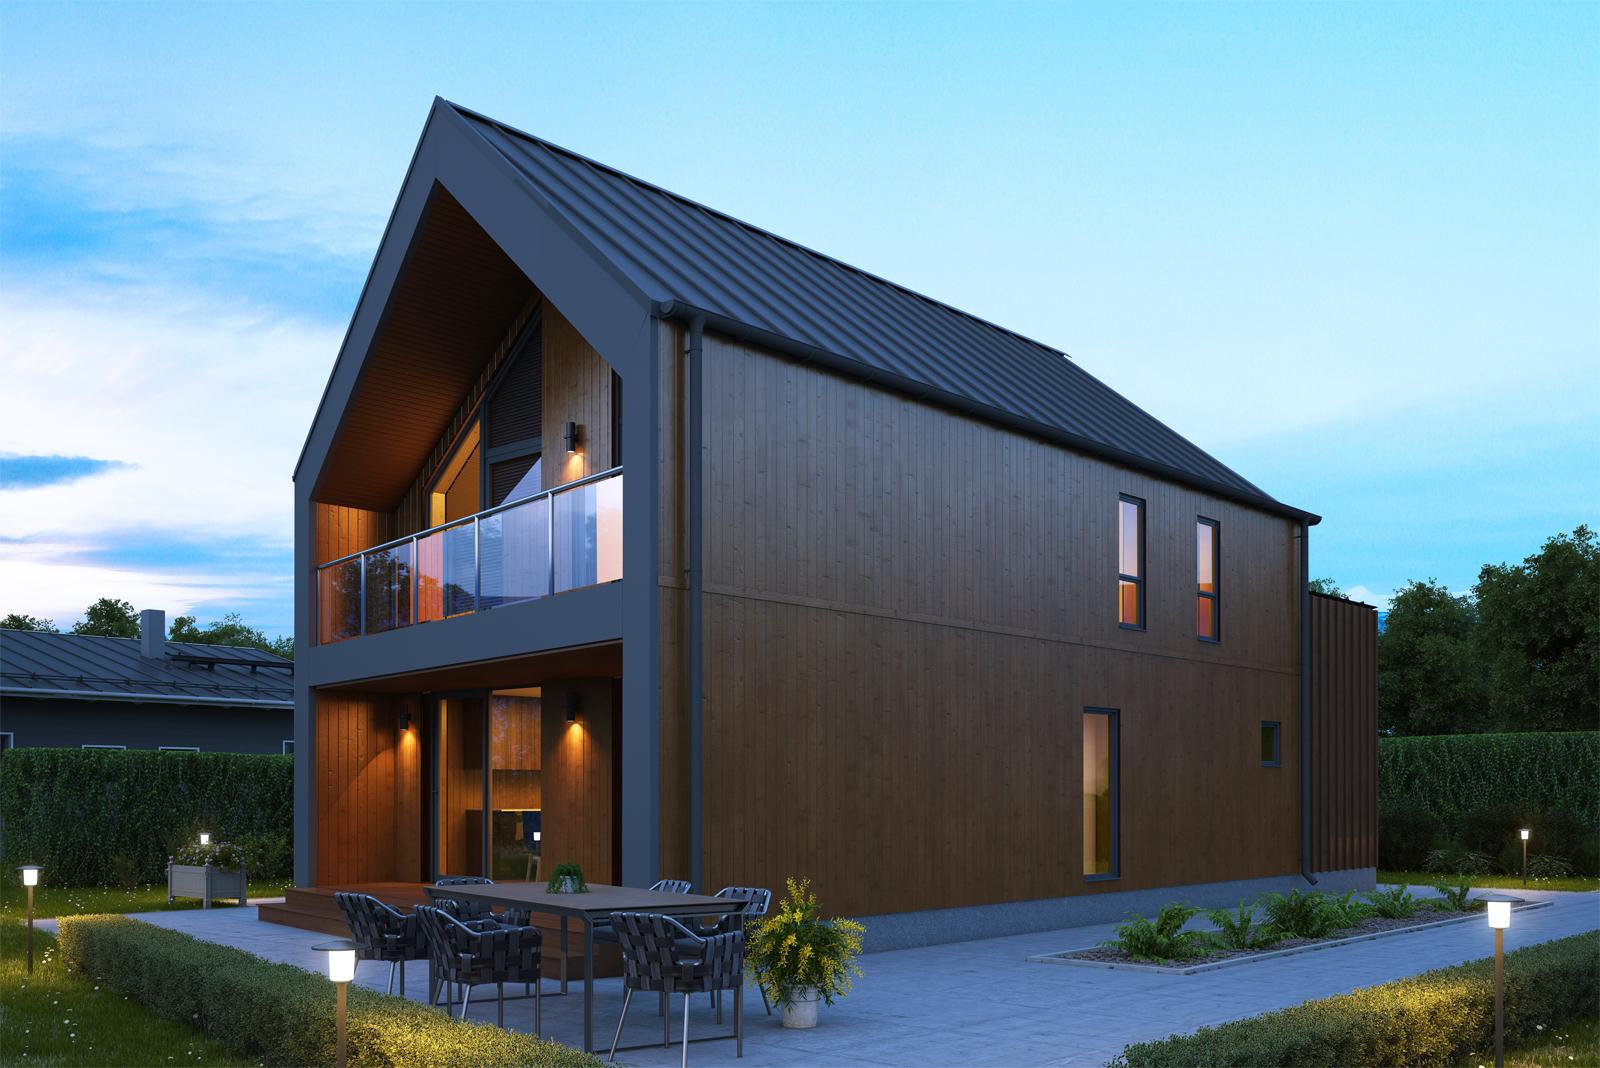 Panneaux maison ossature bois Nordi 02 L 133 m²